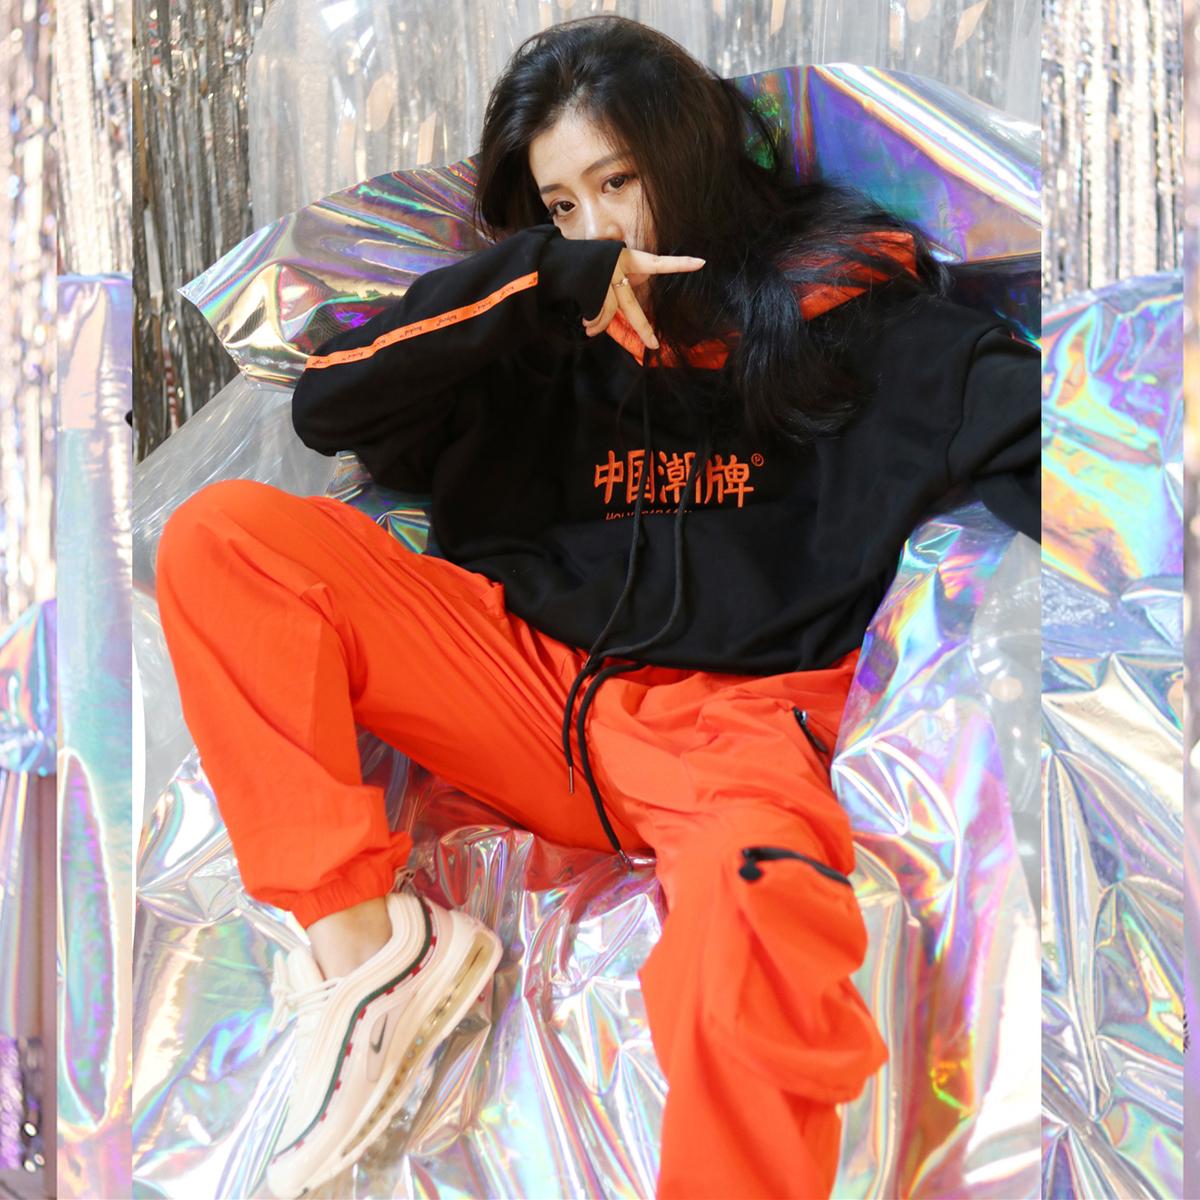 10-28新券男女hiphop嘻哈国潮束脚显瘦运动裤